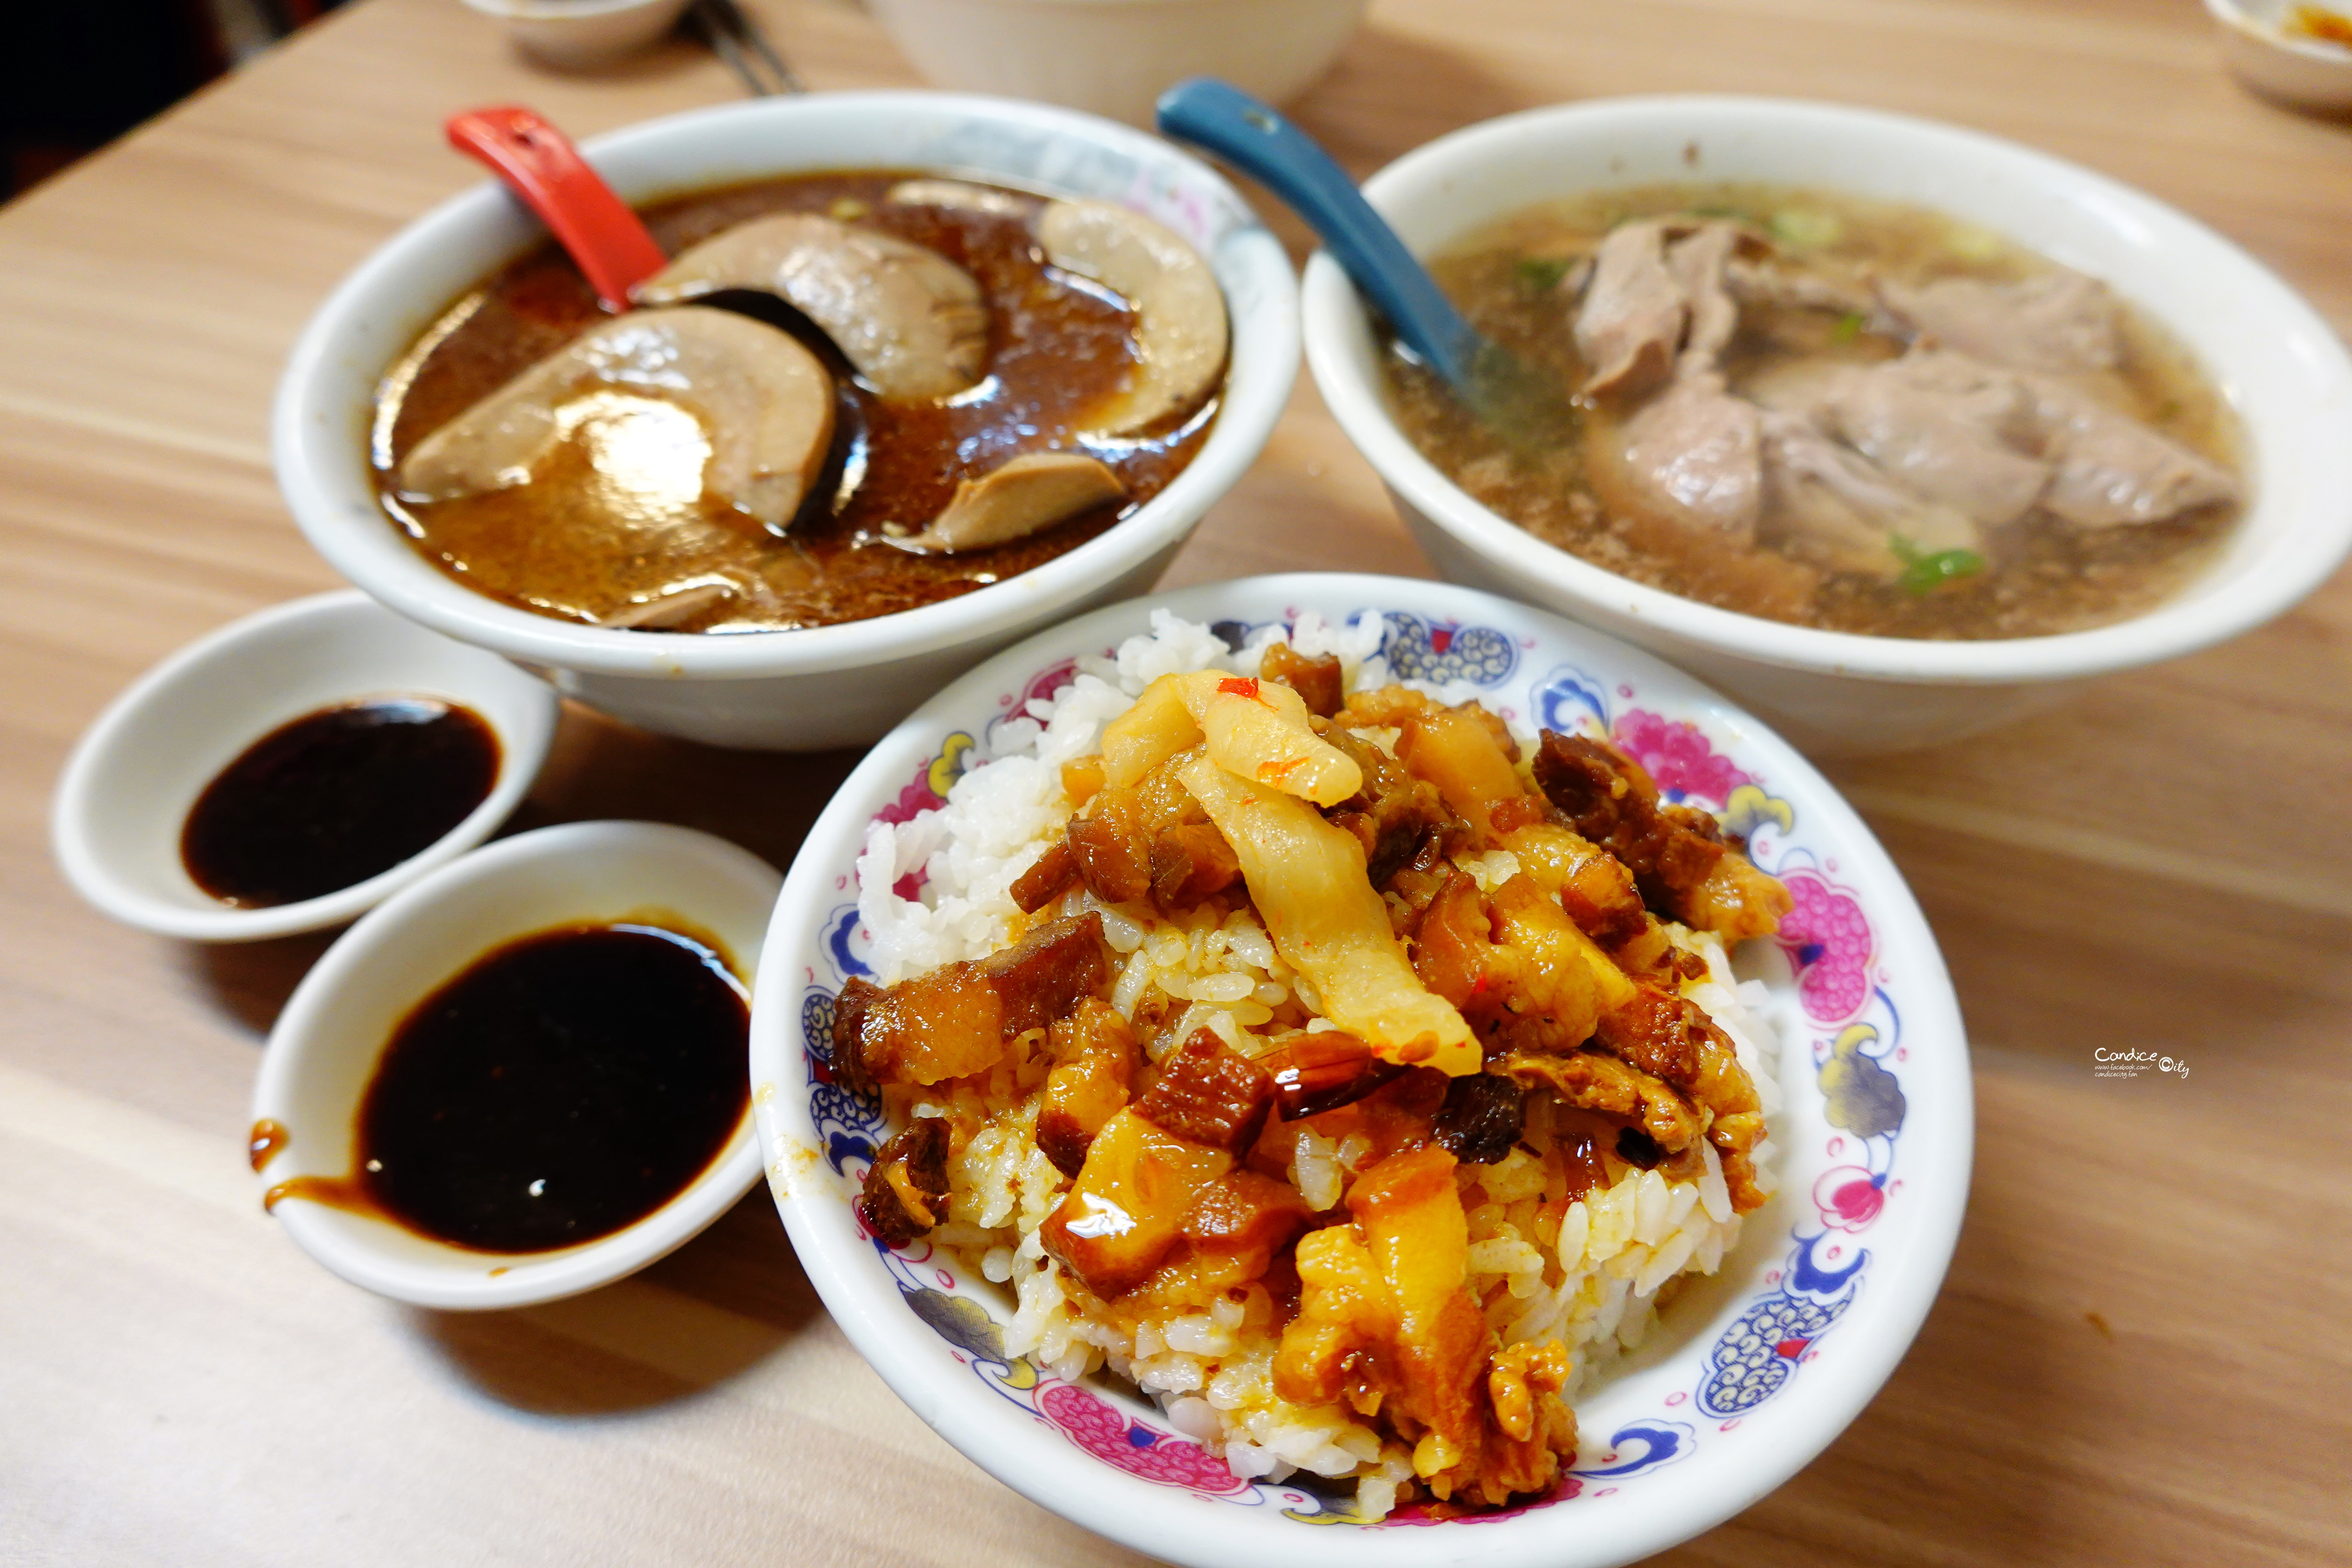 台北滷肉飯推薦》必吃13間台北滷肉飯,內行人吃這間滷肉飯懶人包! @陳小沁の吃喝玩樂